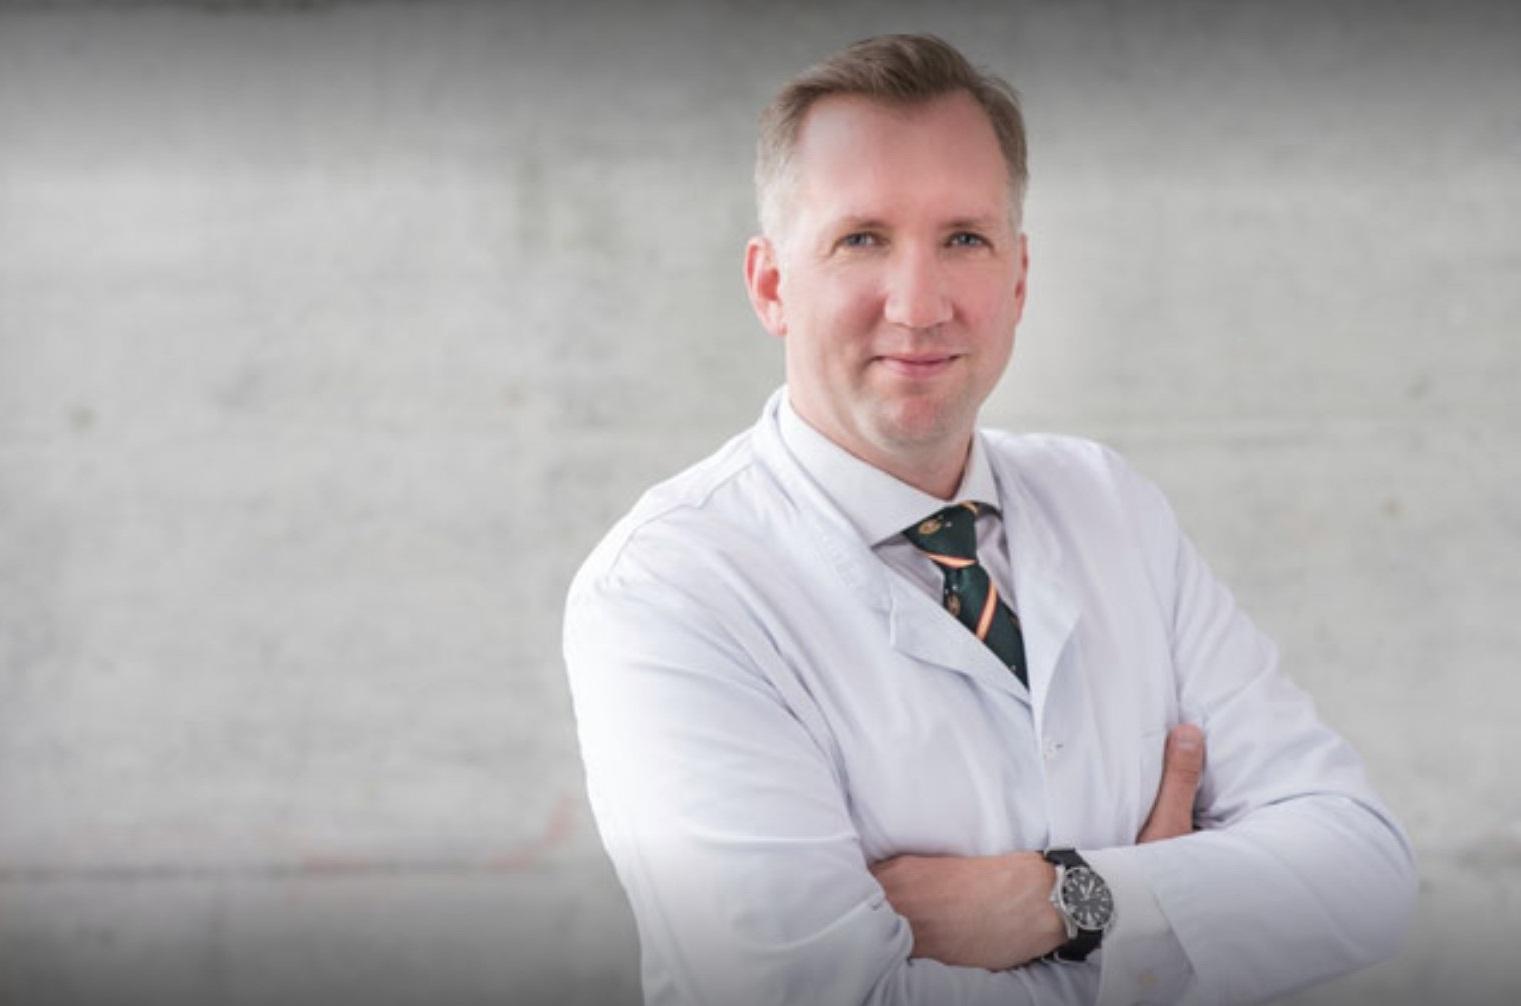 Unser Experte  Dr. med. Andreas Krüger  über die einzigartigen Gesundheitseffekte von hoch-intensivem Krafttraining.